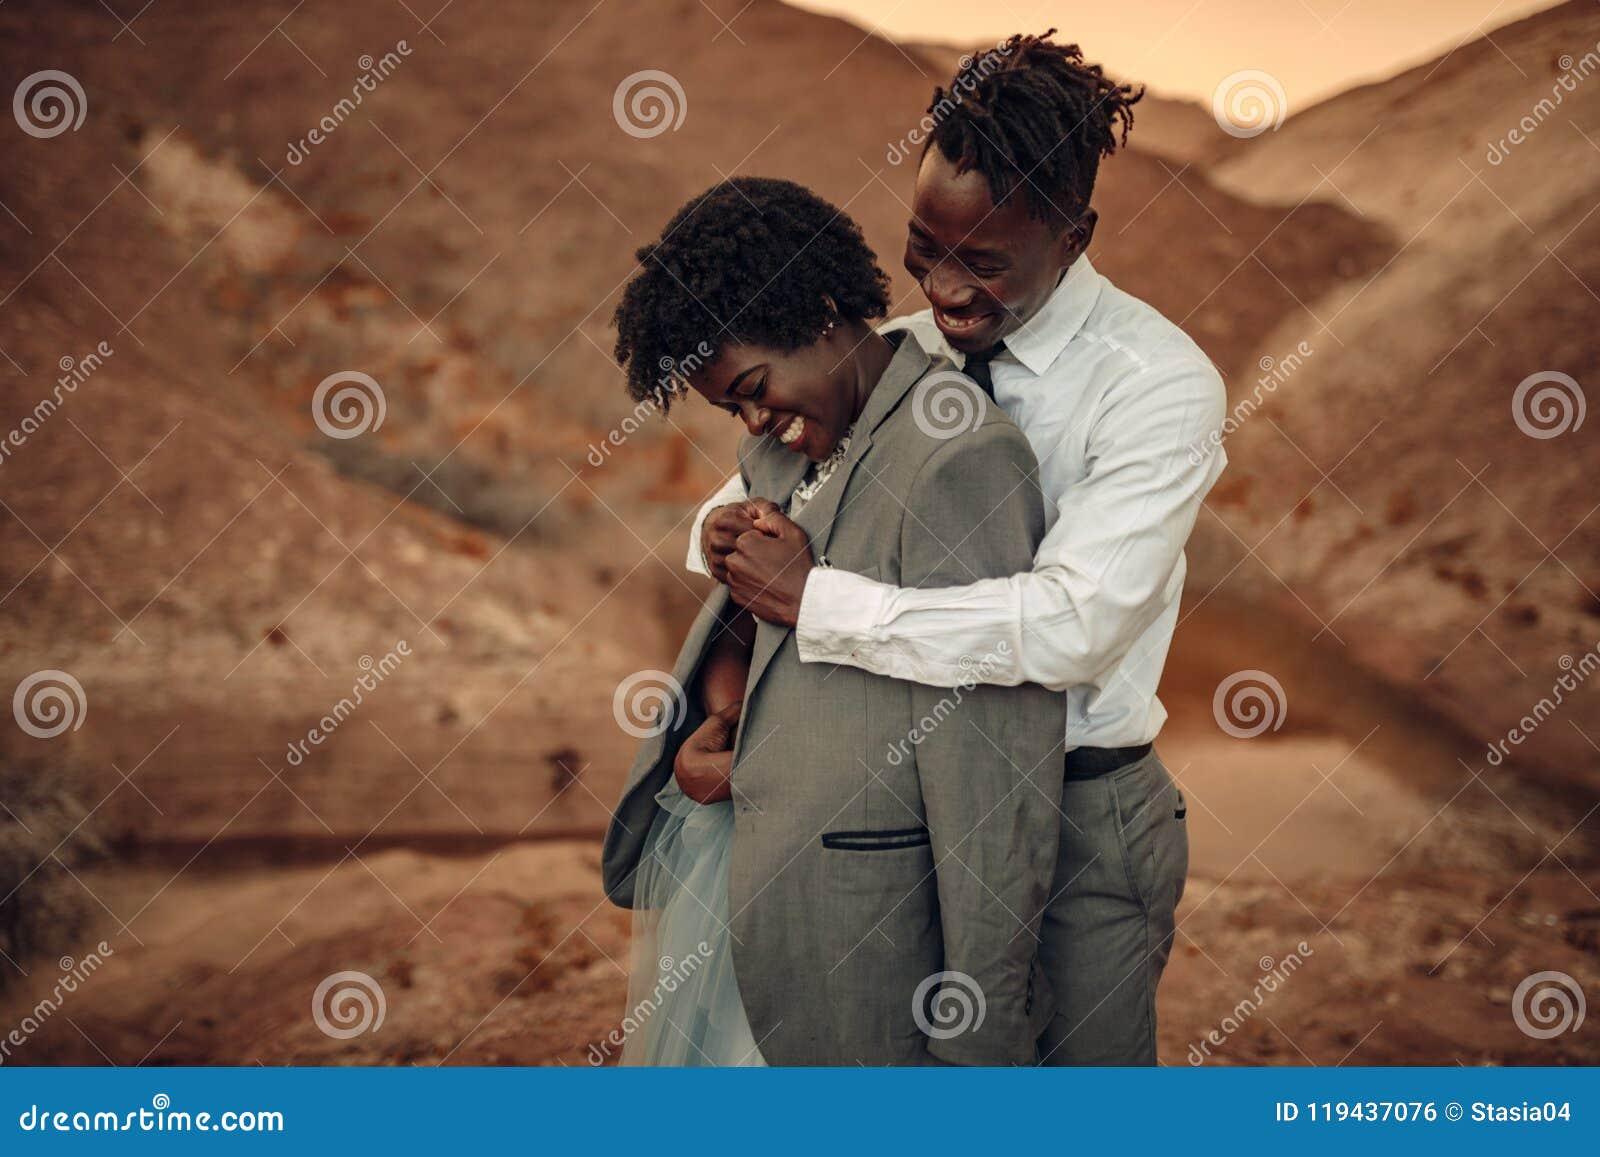 Ο νεόνυμφος αγκαλιάζει τη νύφη του που ντύνεται στο σακάκι του στο φαράγγι στο ηλιοβασίλεμα α